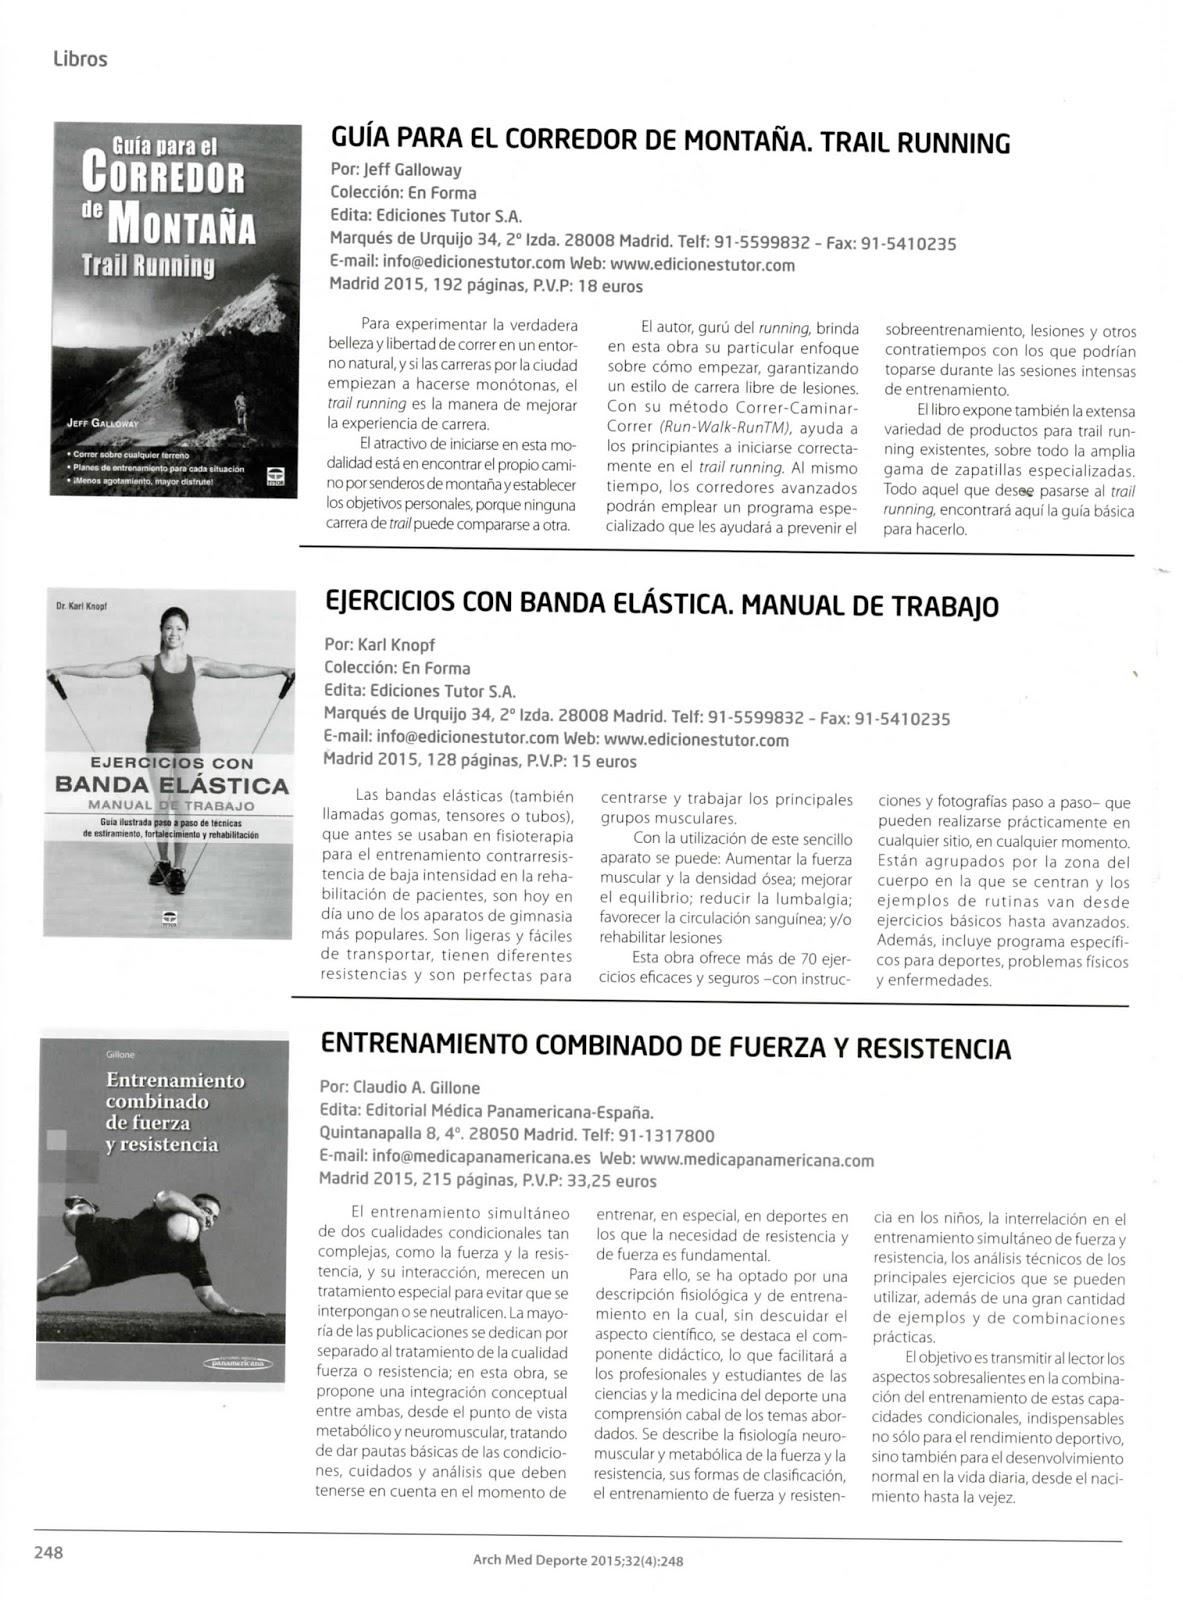 Reseña de los libros Guía para el corredor de montaña. Trail Running y  Ejercicios con Banda elástica. Manual de trabajo en Archivos Medicina del  deporte ...